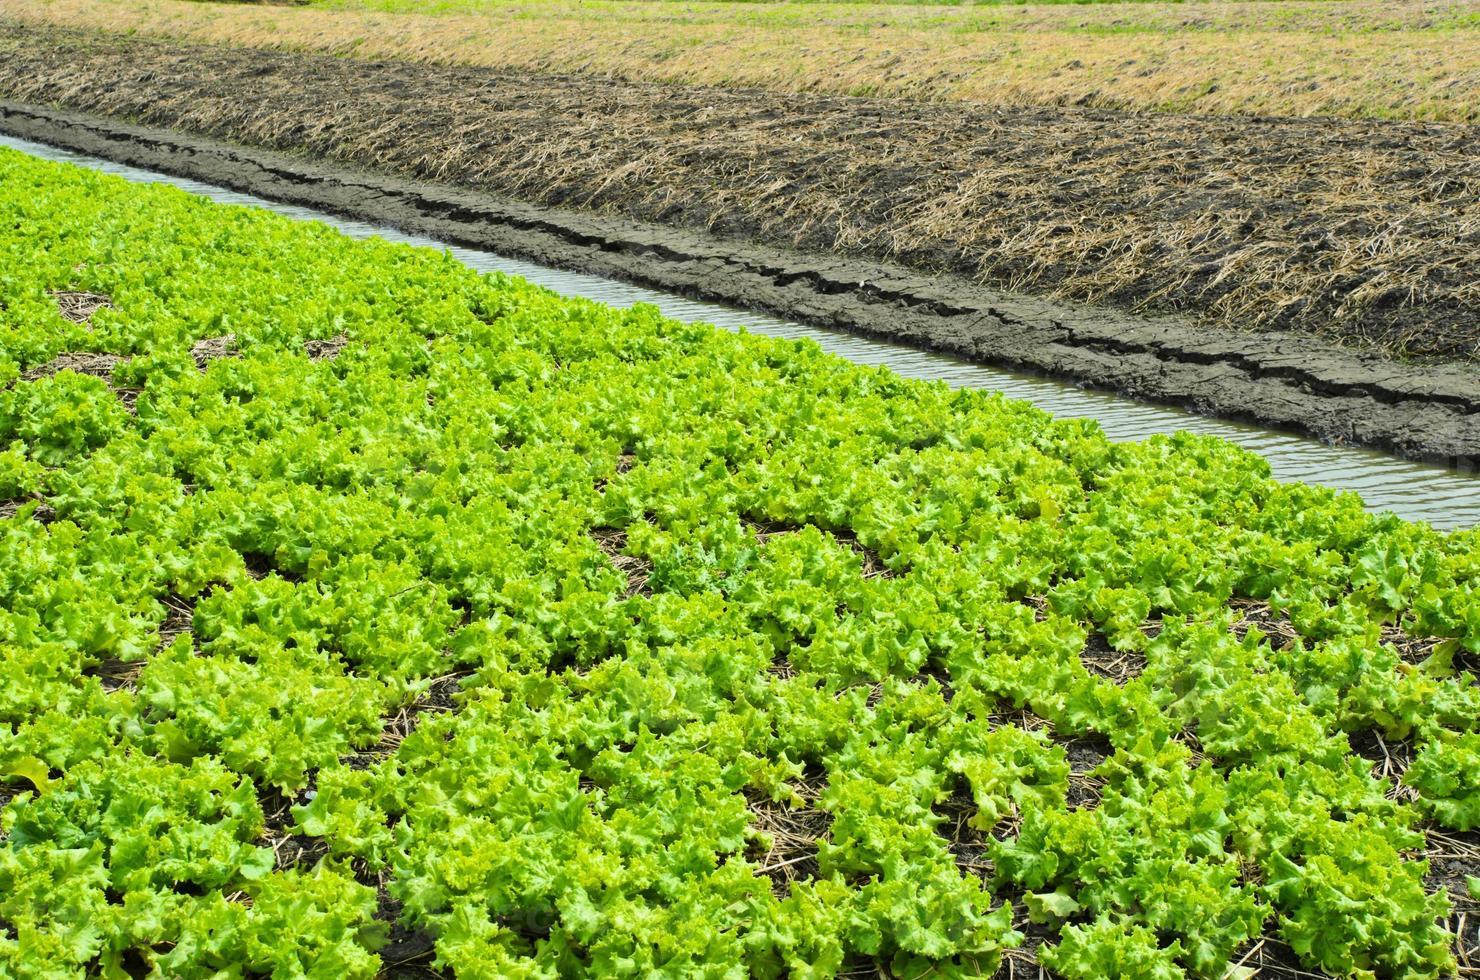 campo coltivato a lattuga foto